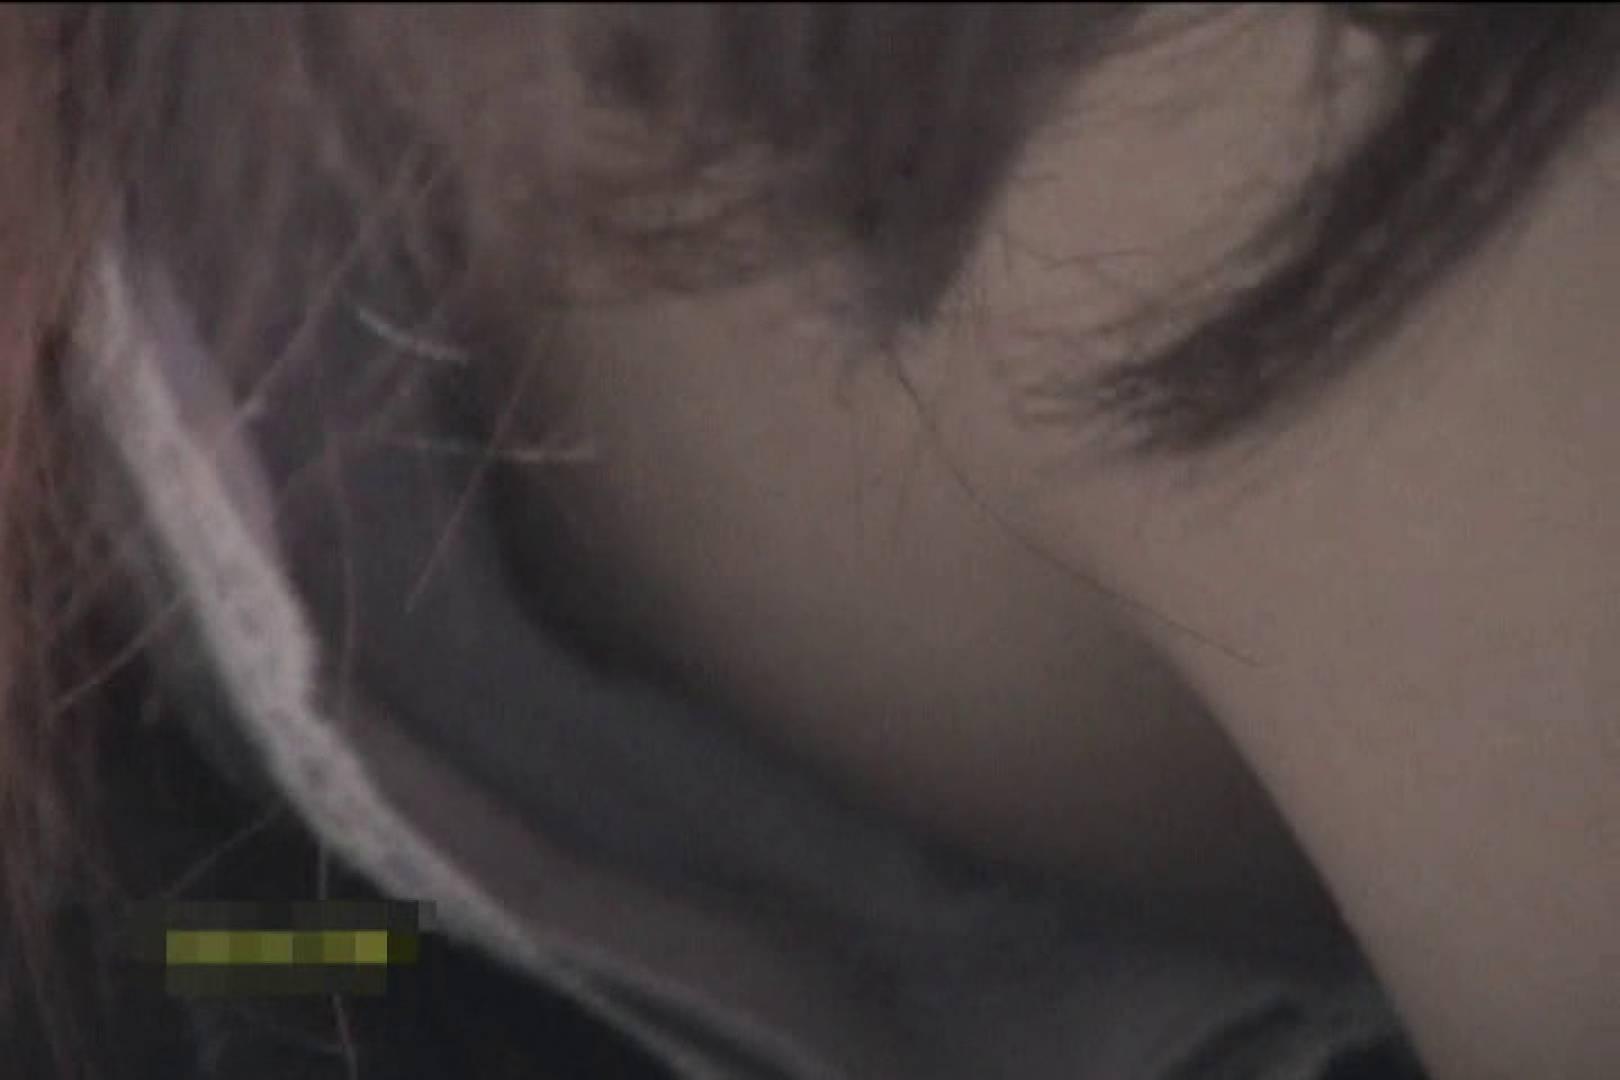 胸チラはもらった~!!胸元争奪戦!!Vol.5 お姉さんの胸チラ ワレメ動画紹介 89連発 71